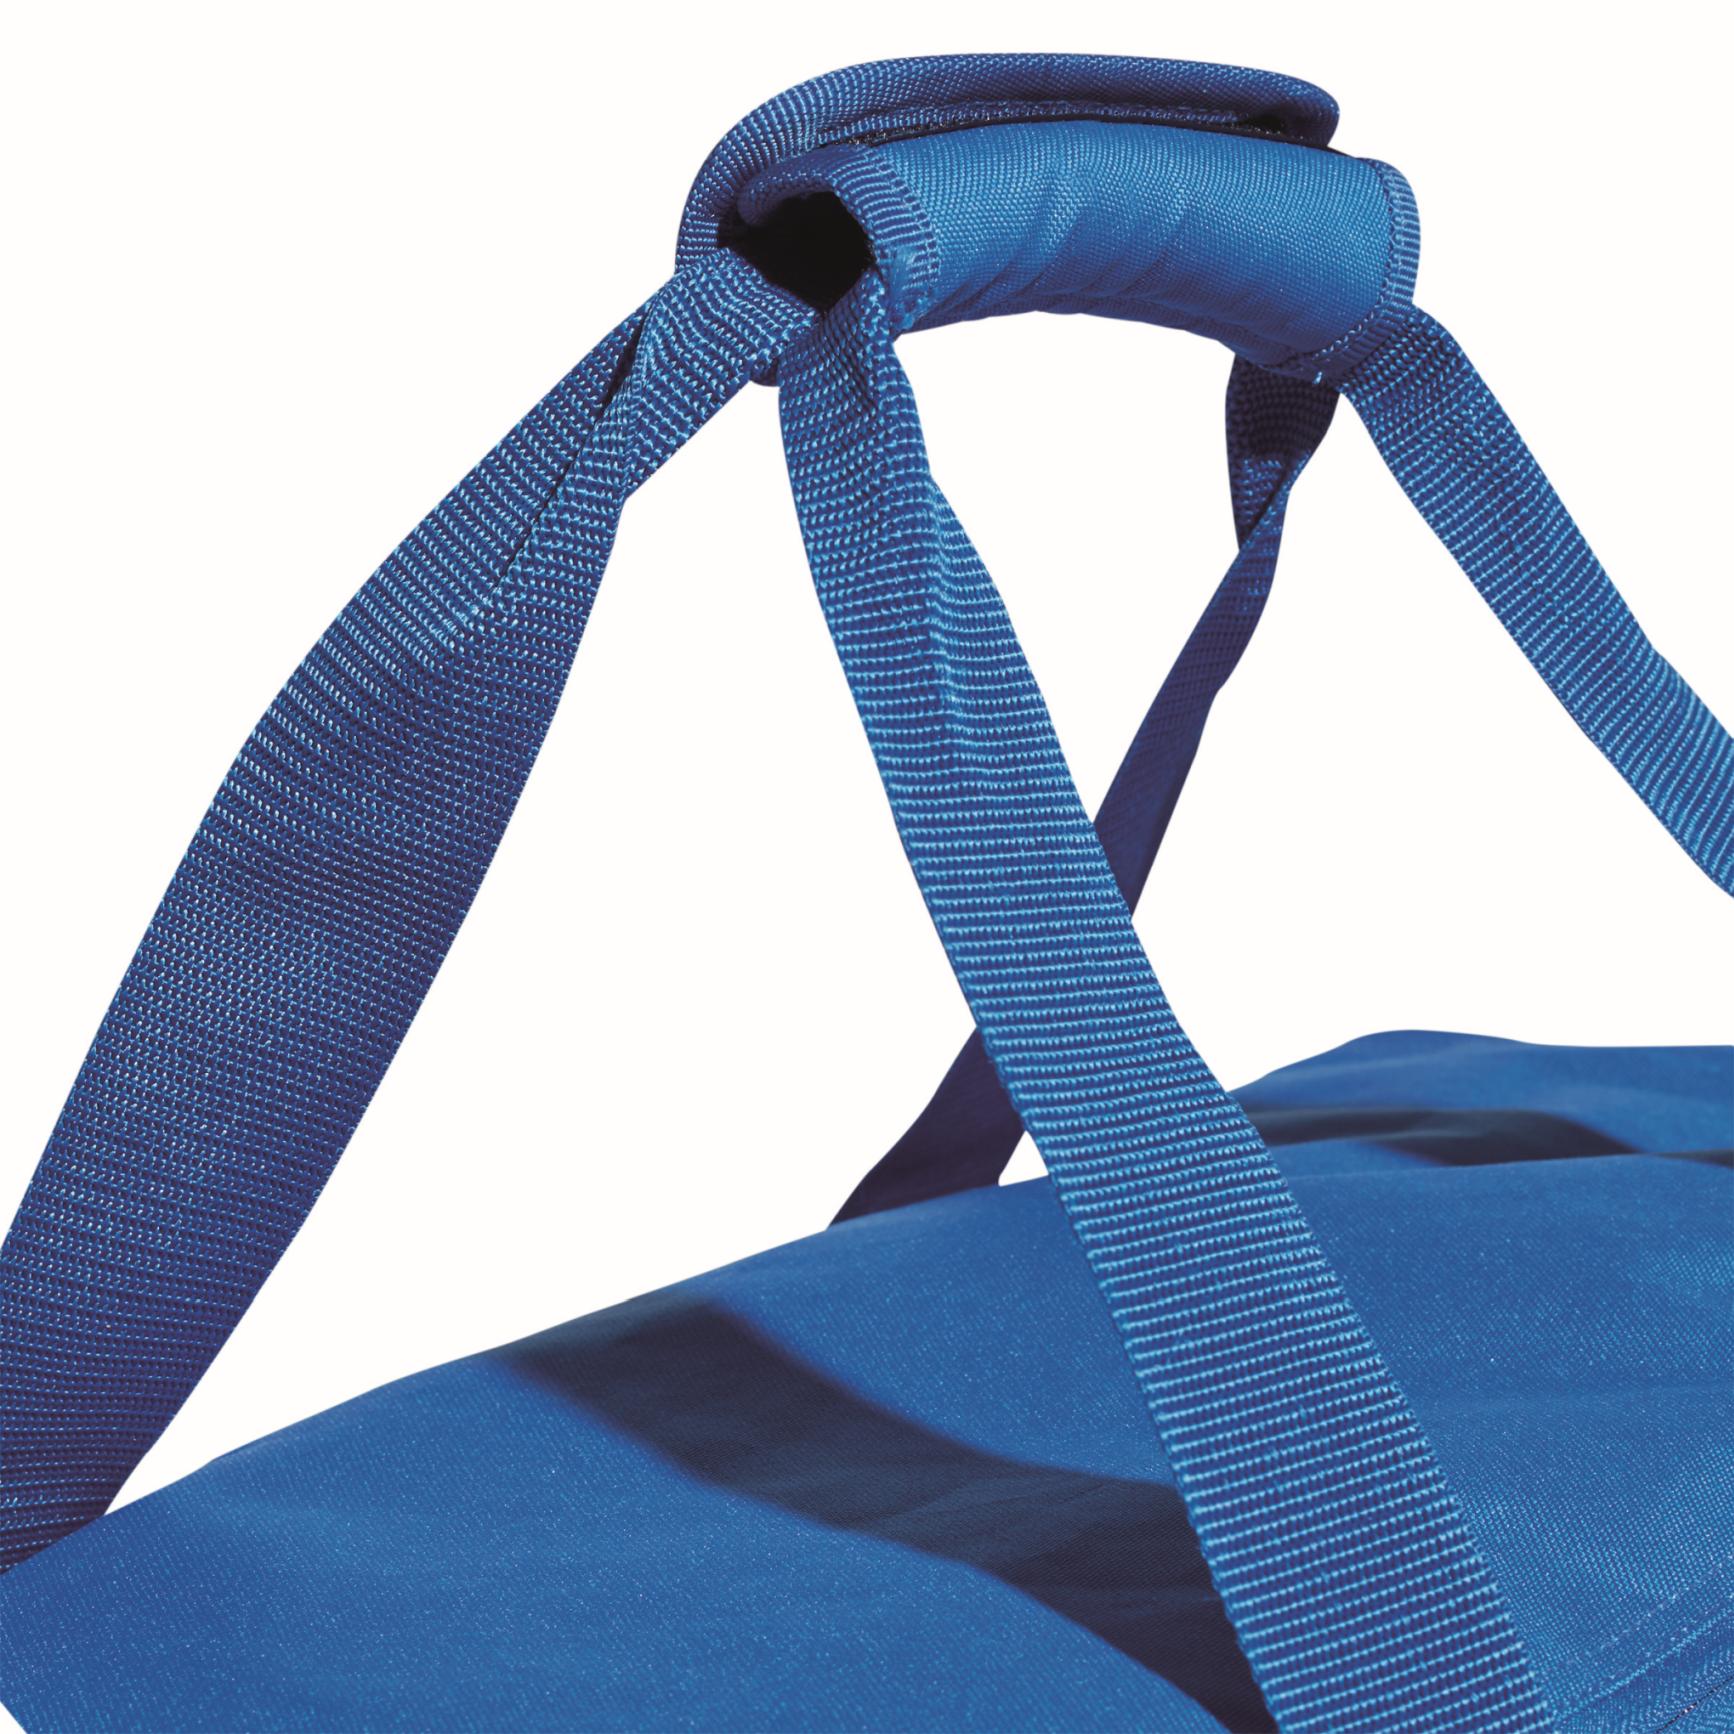 4f06873882c08 10x adidas Tiro Teambag - Medium - Sporttasche mit Bodenfach - BS4752 blau  – Bild 4